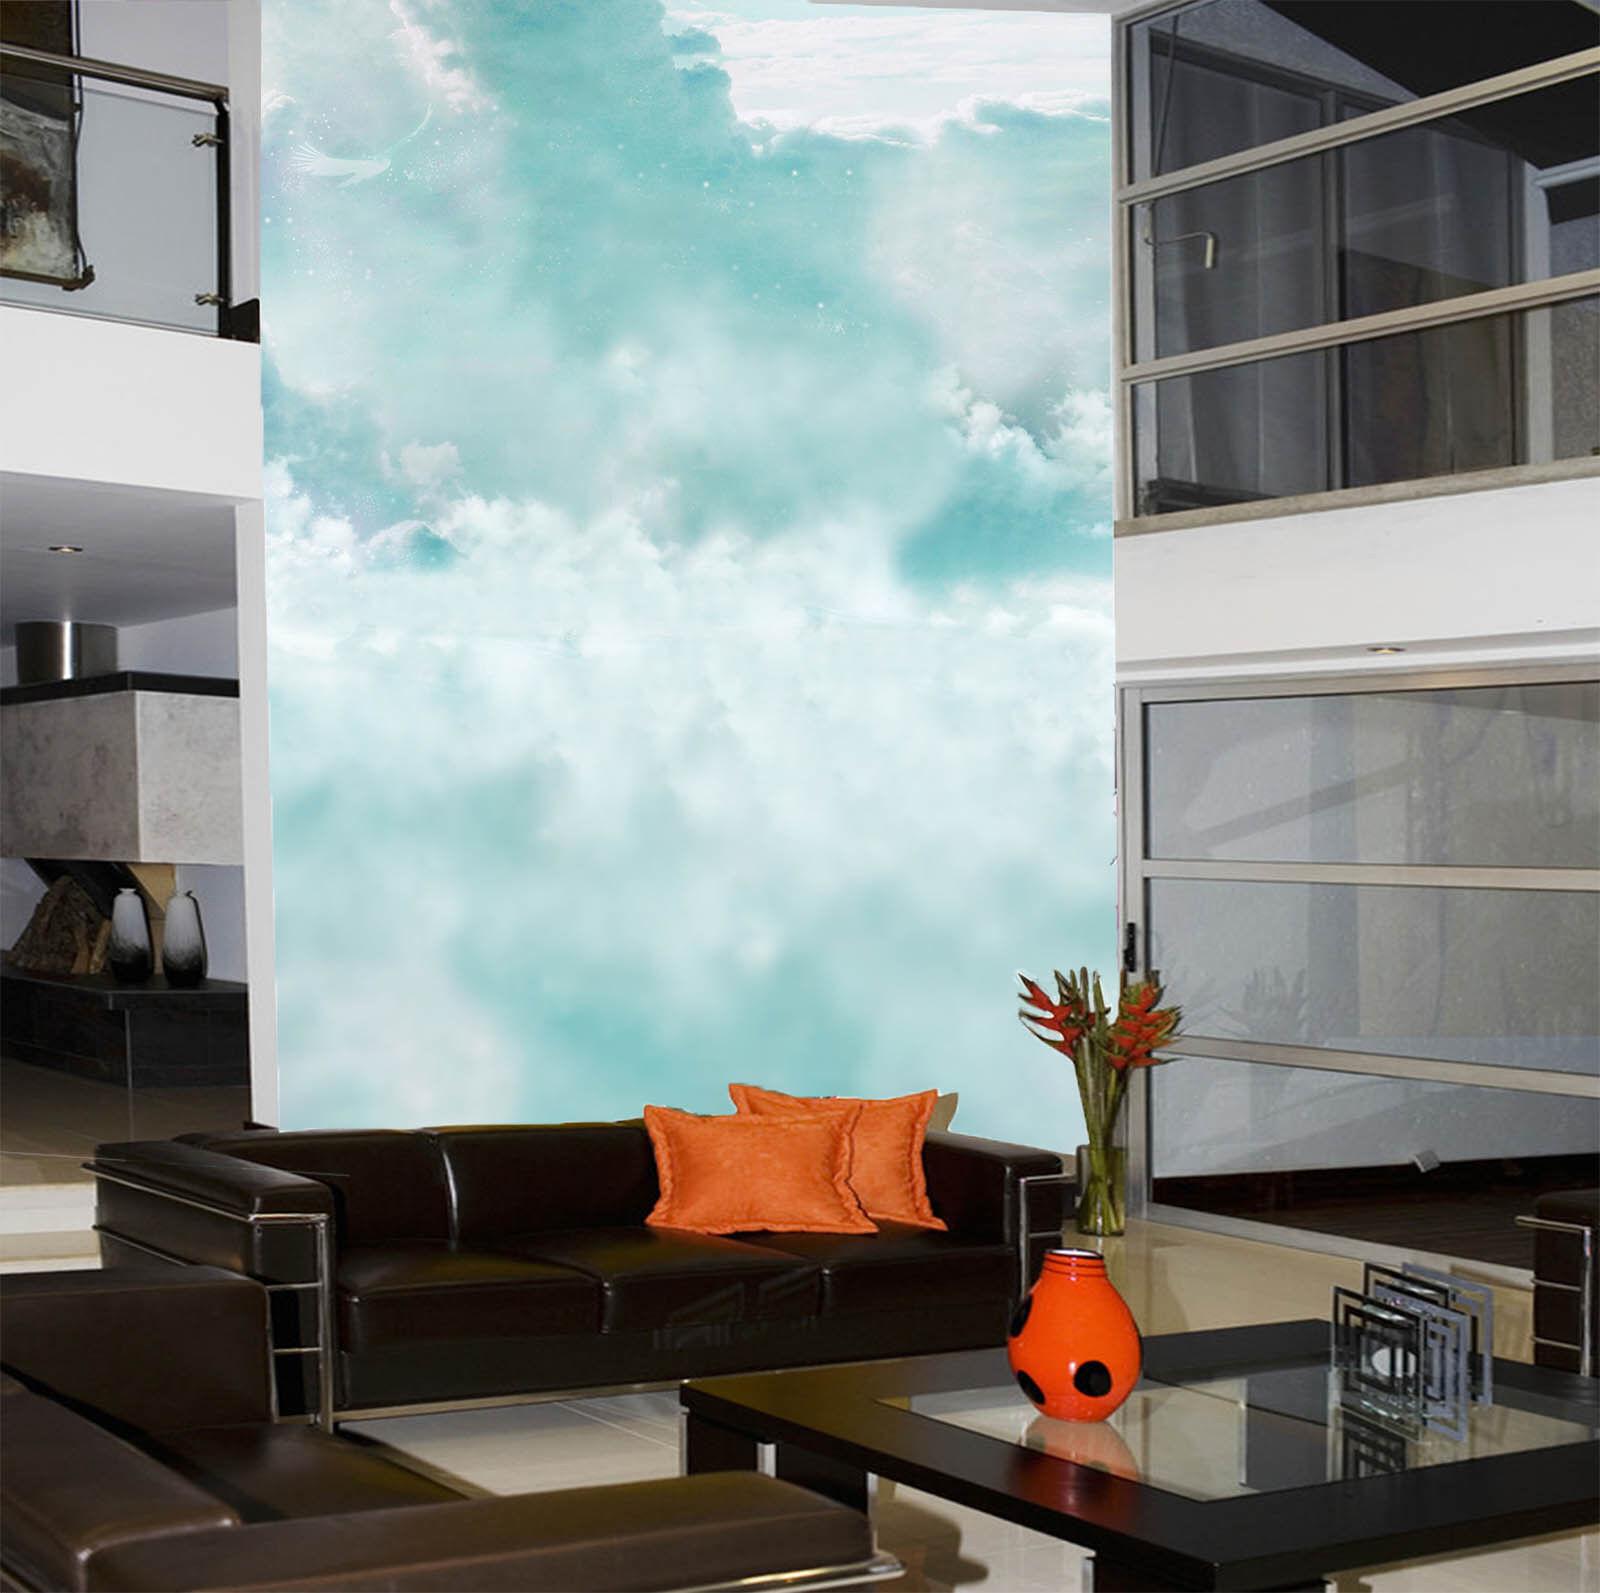 3D Weiße Wolken Malerei Malerei Malerei 85 Tapete Wandgemälde Tapete Tapeten Bild Familie DE  | Diversified In Packaging  | Primäre Qualität  | Ausgezeichnetes Preis  403d21